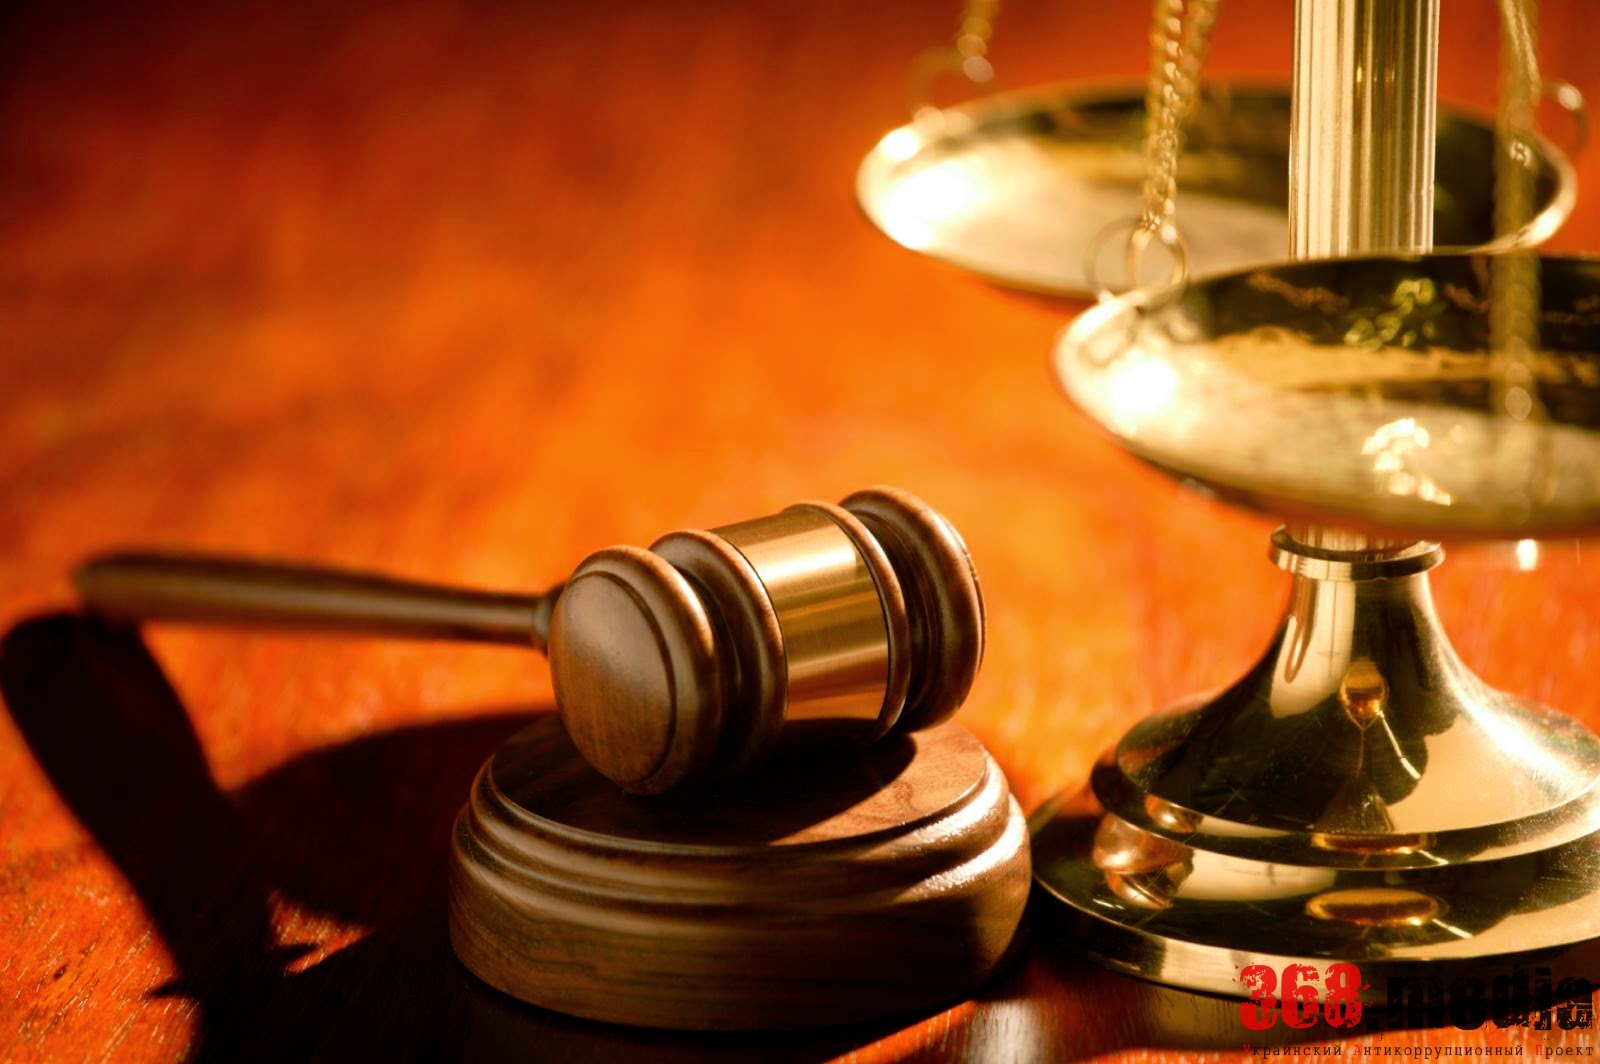 Одесский судья отпустил на свободу взяточников из городской инспекции по благоустройству